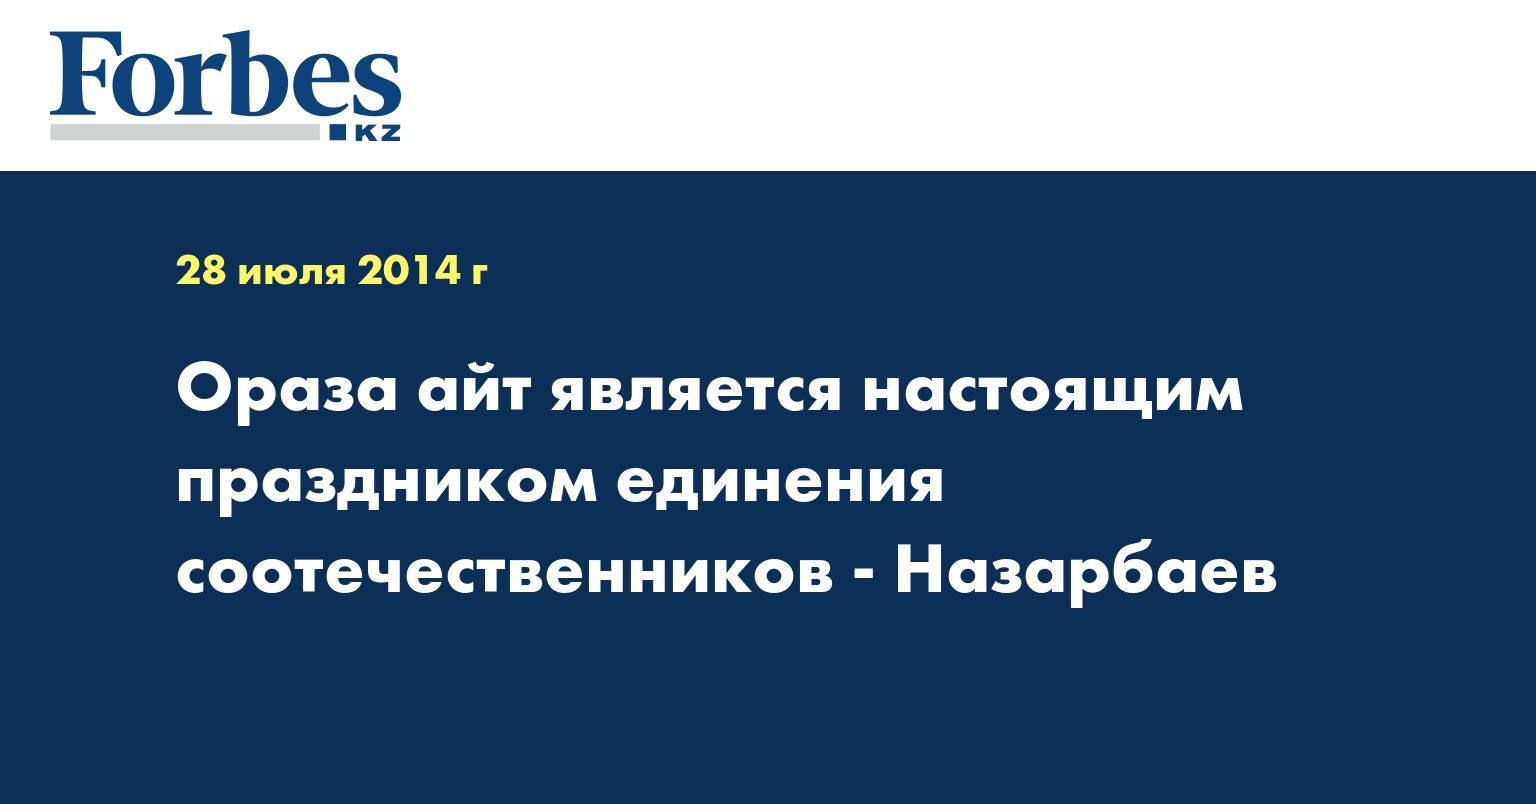 Ораза айт является настоящим праздником единения соотечественников - Назарбаев